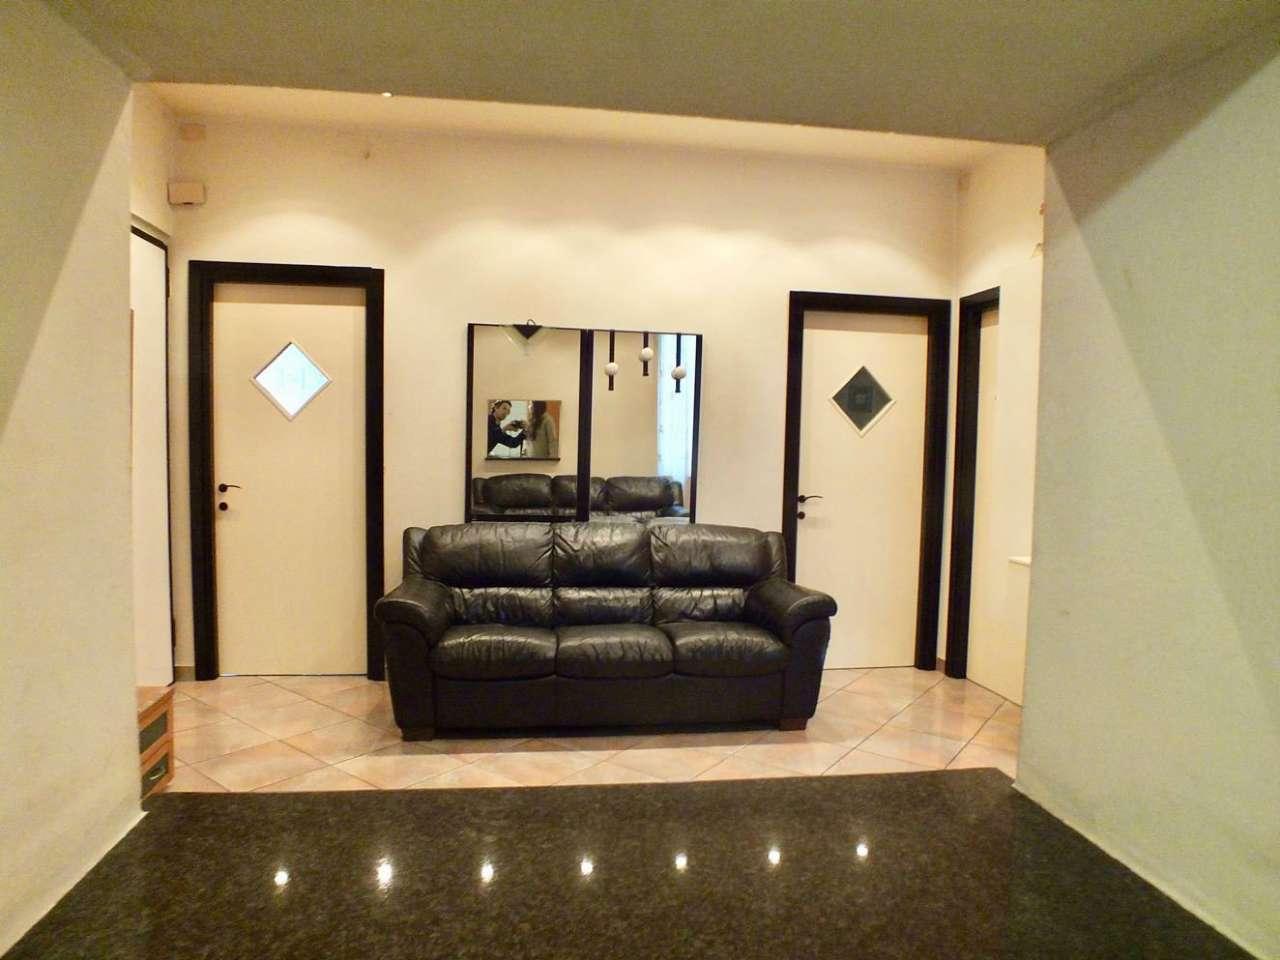 Appartamento in vendita a Genova, 5 locali, zona Zona: 13 . Sestri Ponente, Medio Ponente, prezzo € 120.000 | Cambio Casa.it